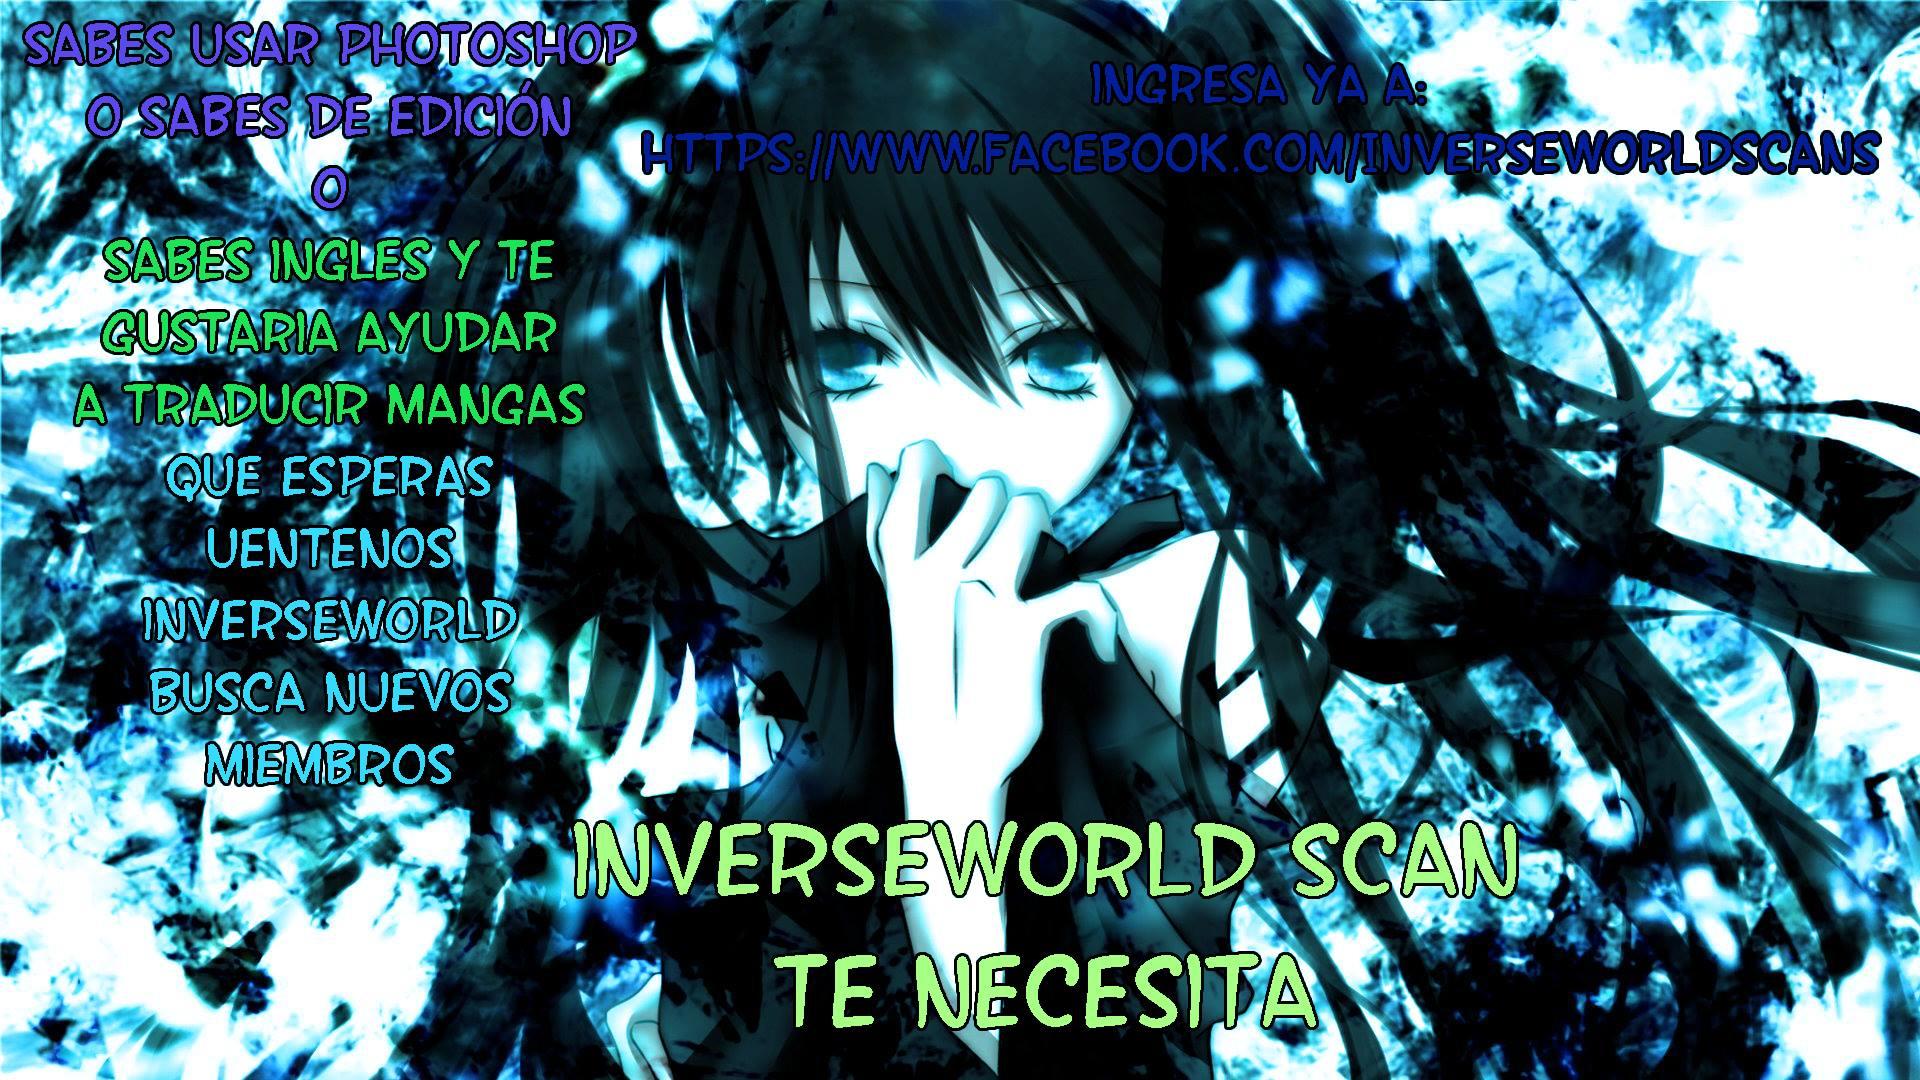 http://c5.ninemanga.com/es_manga/18/16210/415303/972c16f442eba60469680bf869dd6a89.jpg Page 1